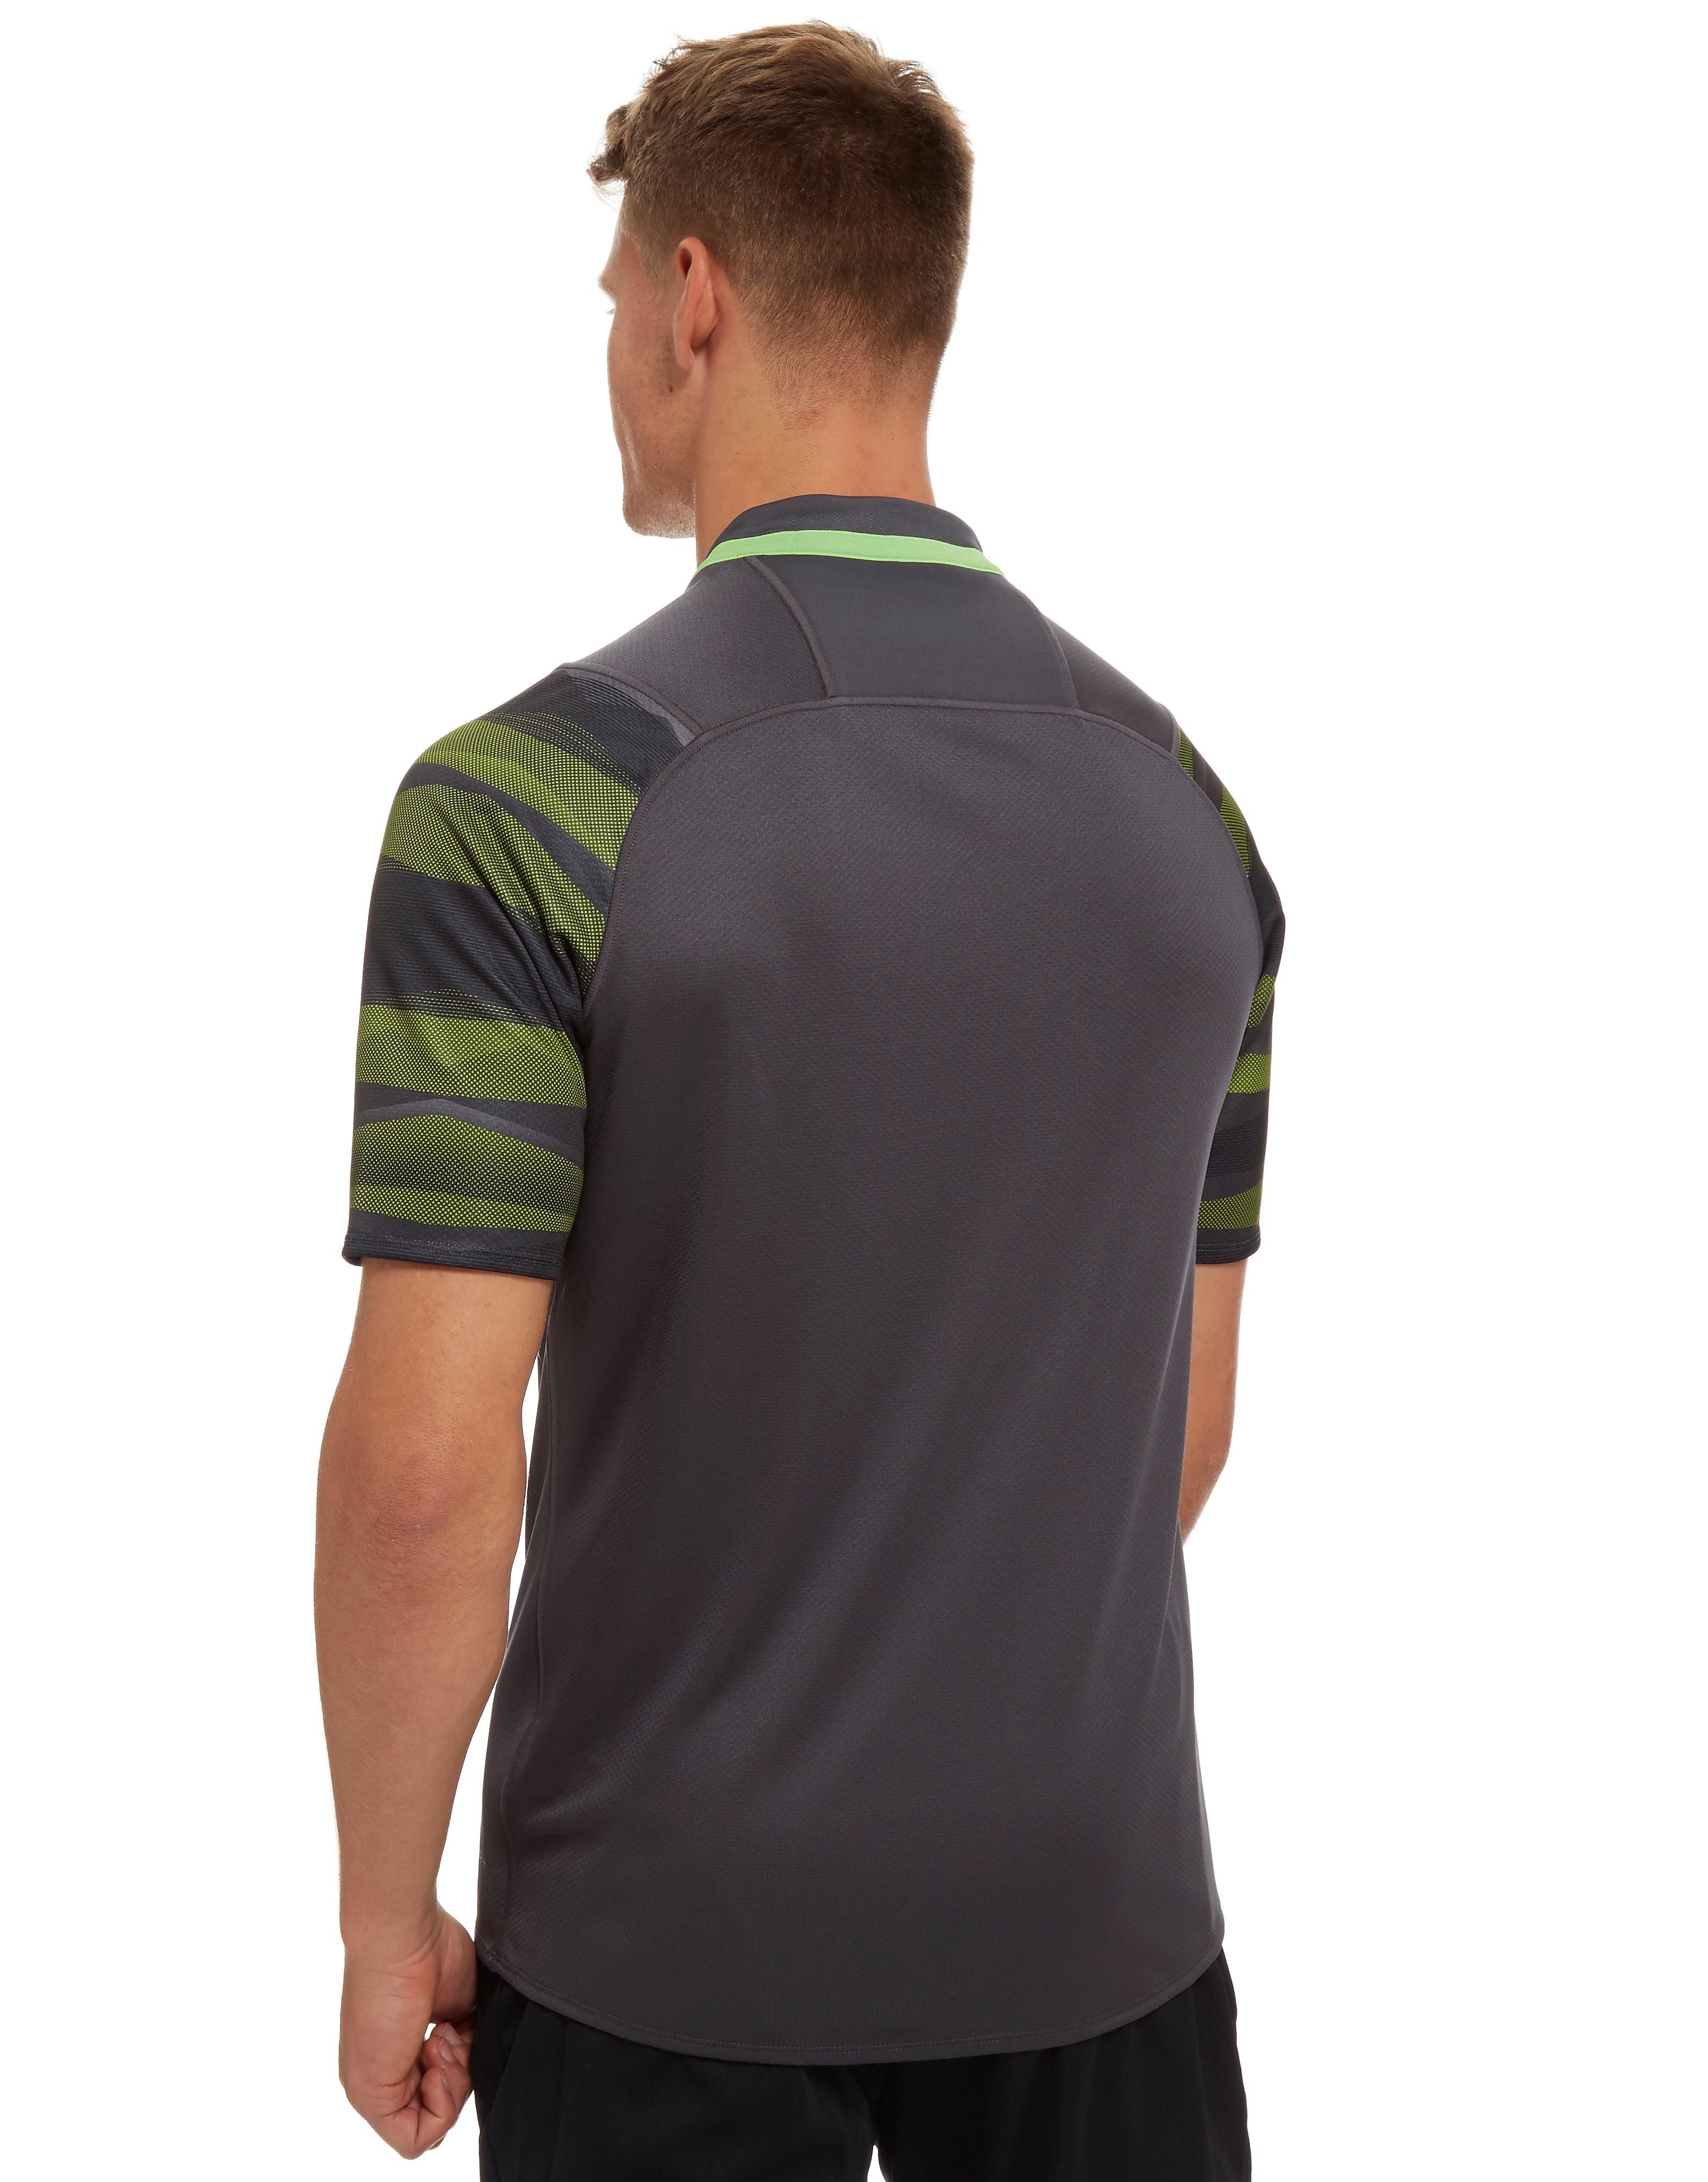 Canterbury Ireland RFU Alternate 2017/18 Shirt